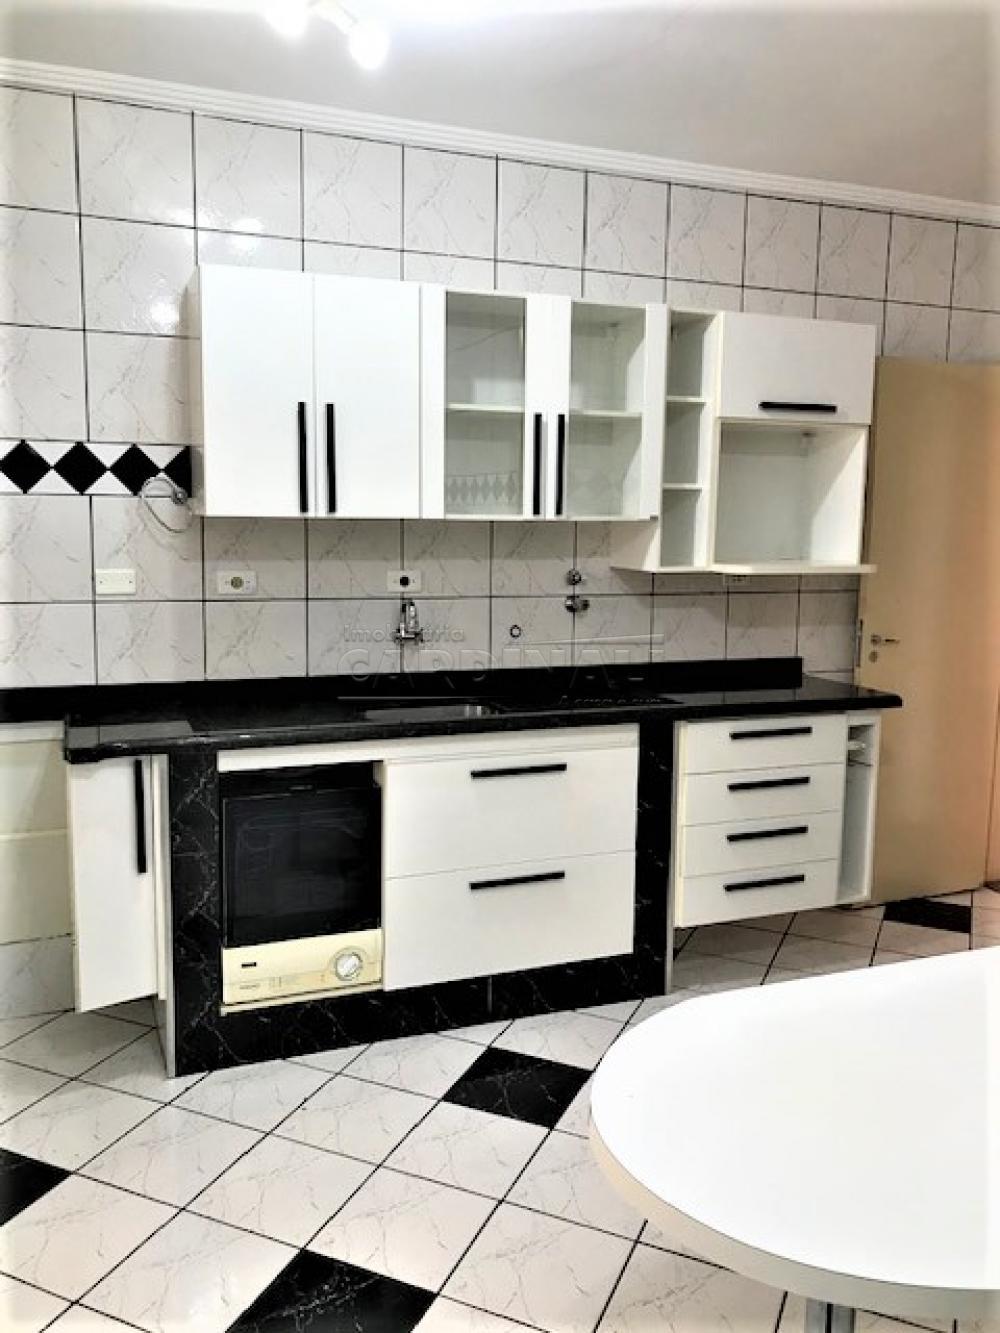 Comprar Apartamento / Padrão em São Carlos R$ 370.000,00 - Foto 15